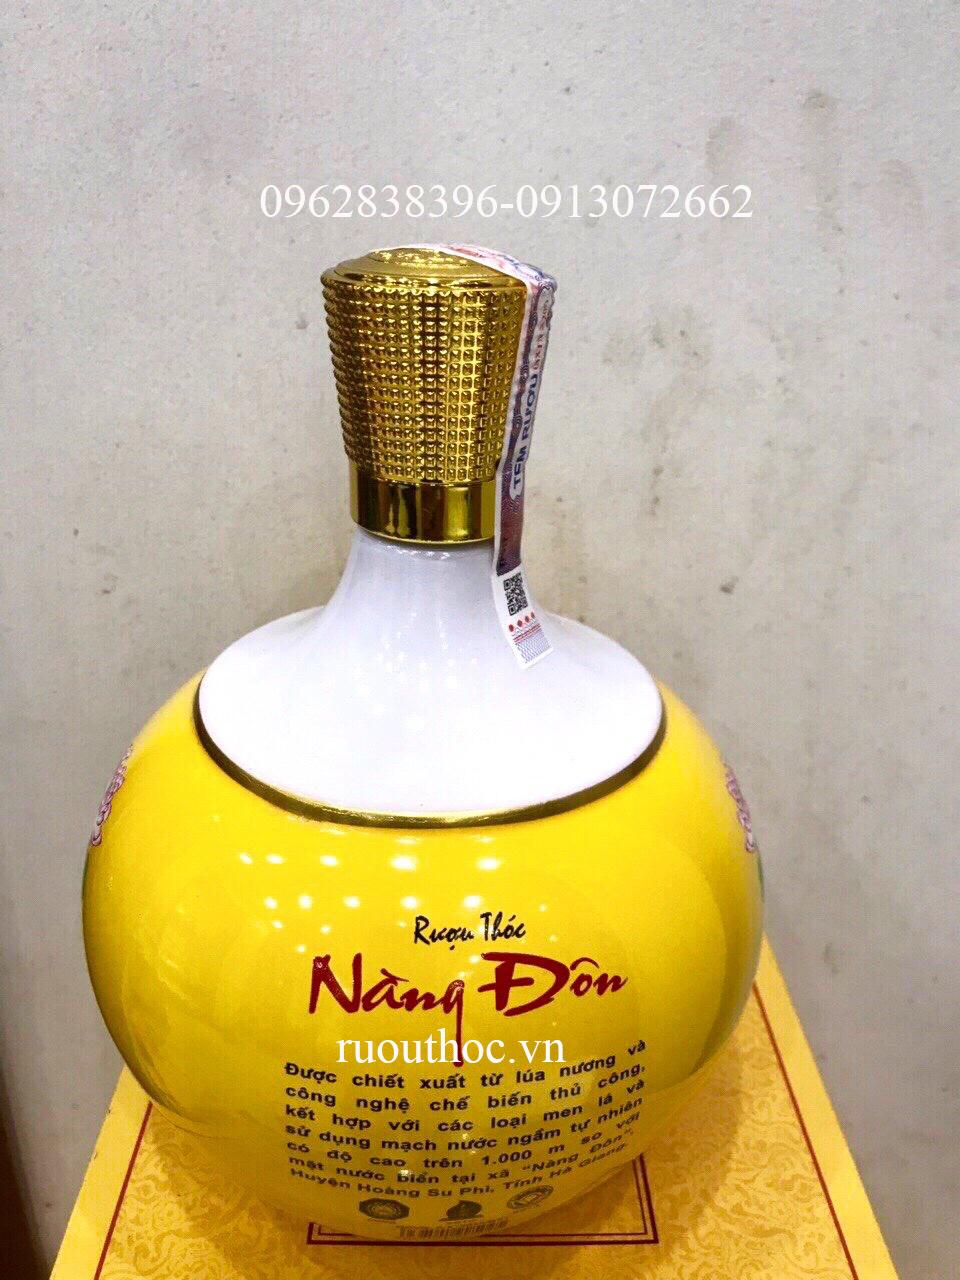 Rượu thóc Nàng Đôn hộp quà màu vàng rất sang trọng